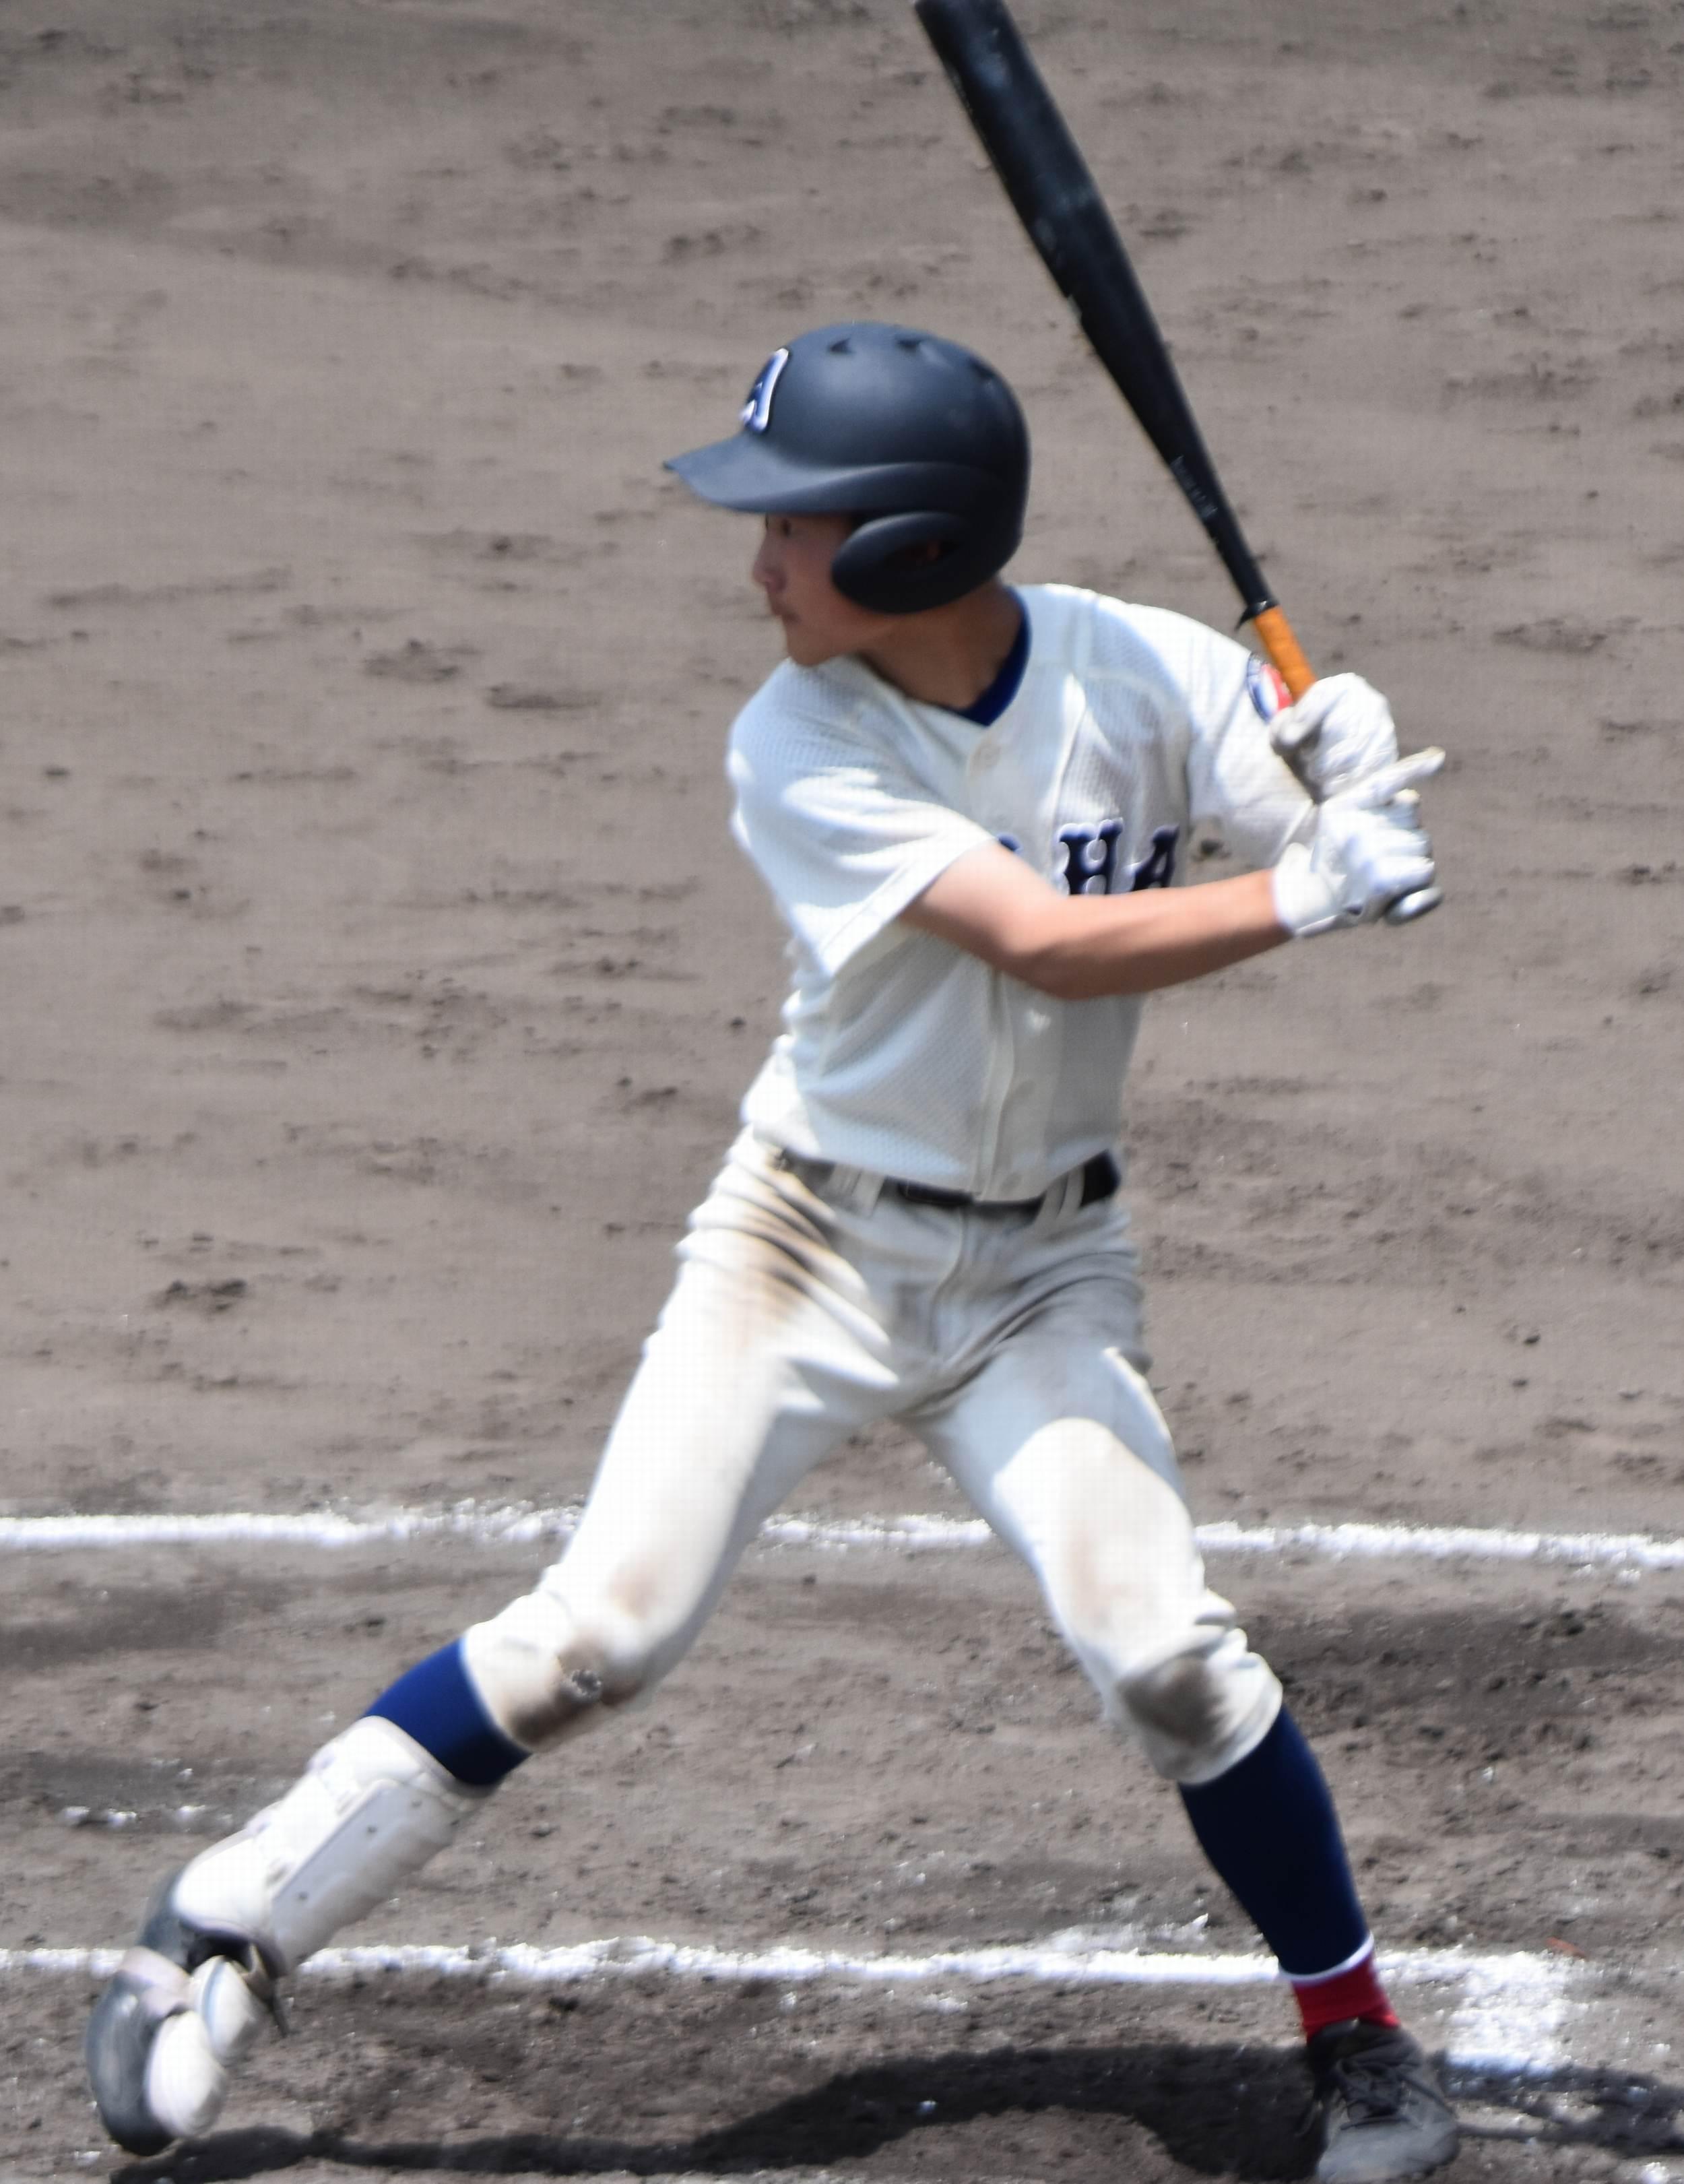 20190505綾羽 伊藤彰